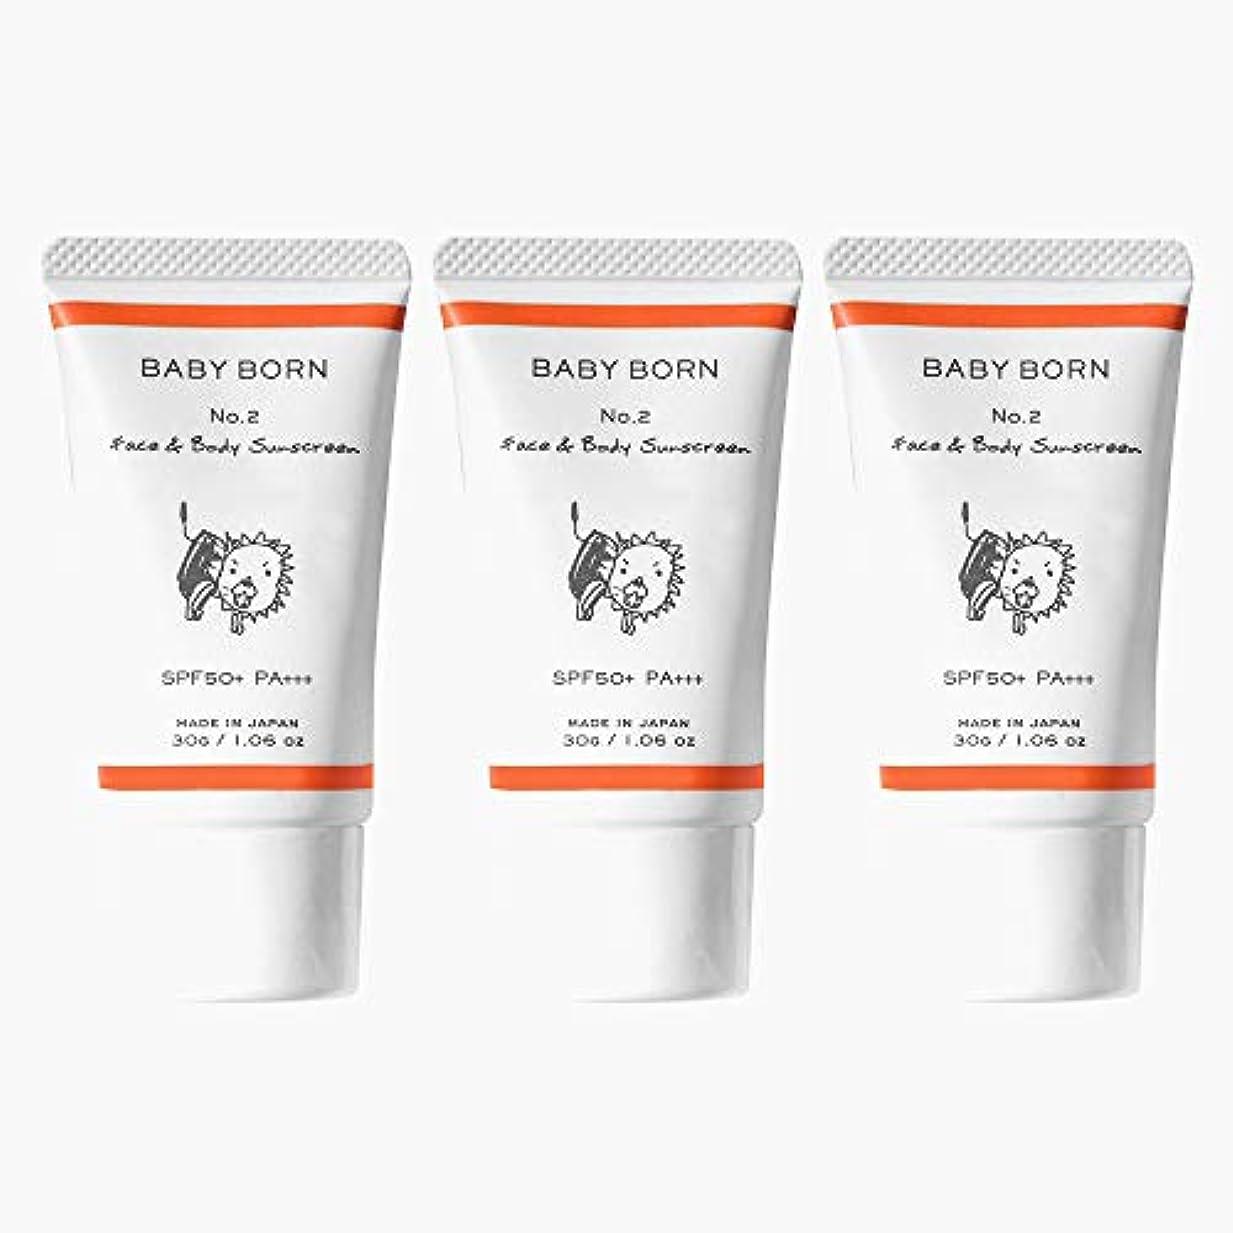 適応寸法ポゴスティックジャンプ日焼け止め 赤ちゃんや子どもにも使えるBABY BORN(ベビーボーン) Face&Body Sunscreen 3個セット 日焼け止め UV ケア 東原亜希 高橋ミカ 共同開発 SPF50+/PA++++